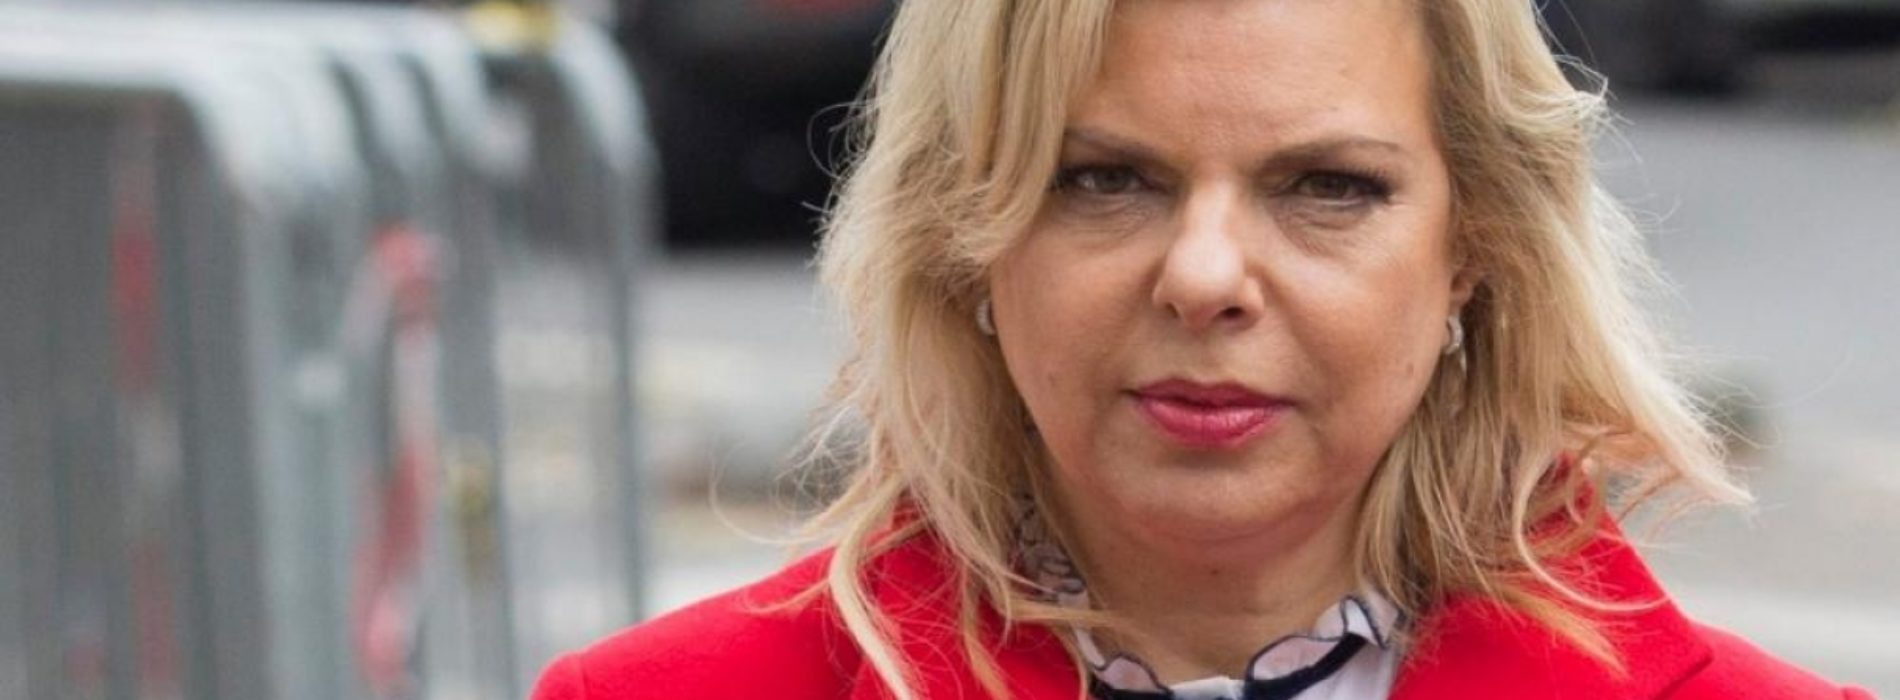 Жена премьер-министра Израиля устроила скандал на борту самолета